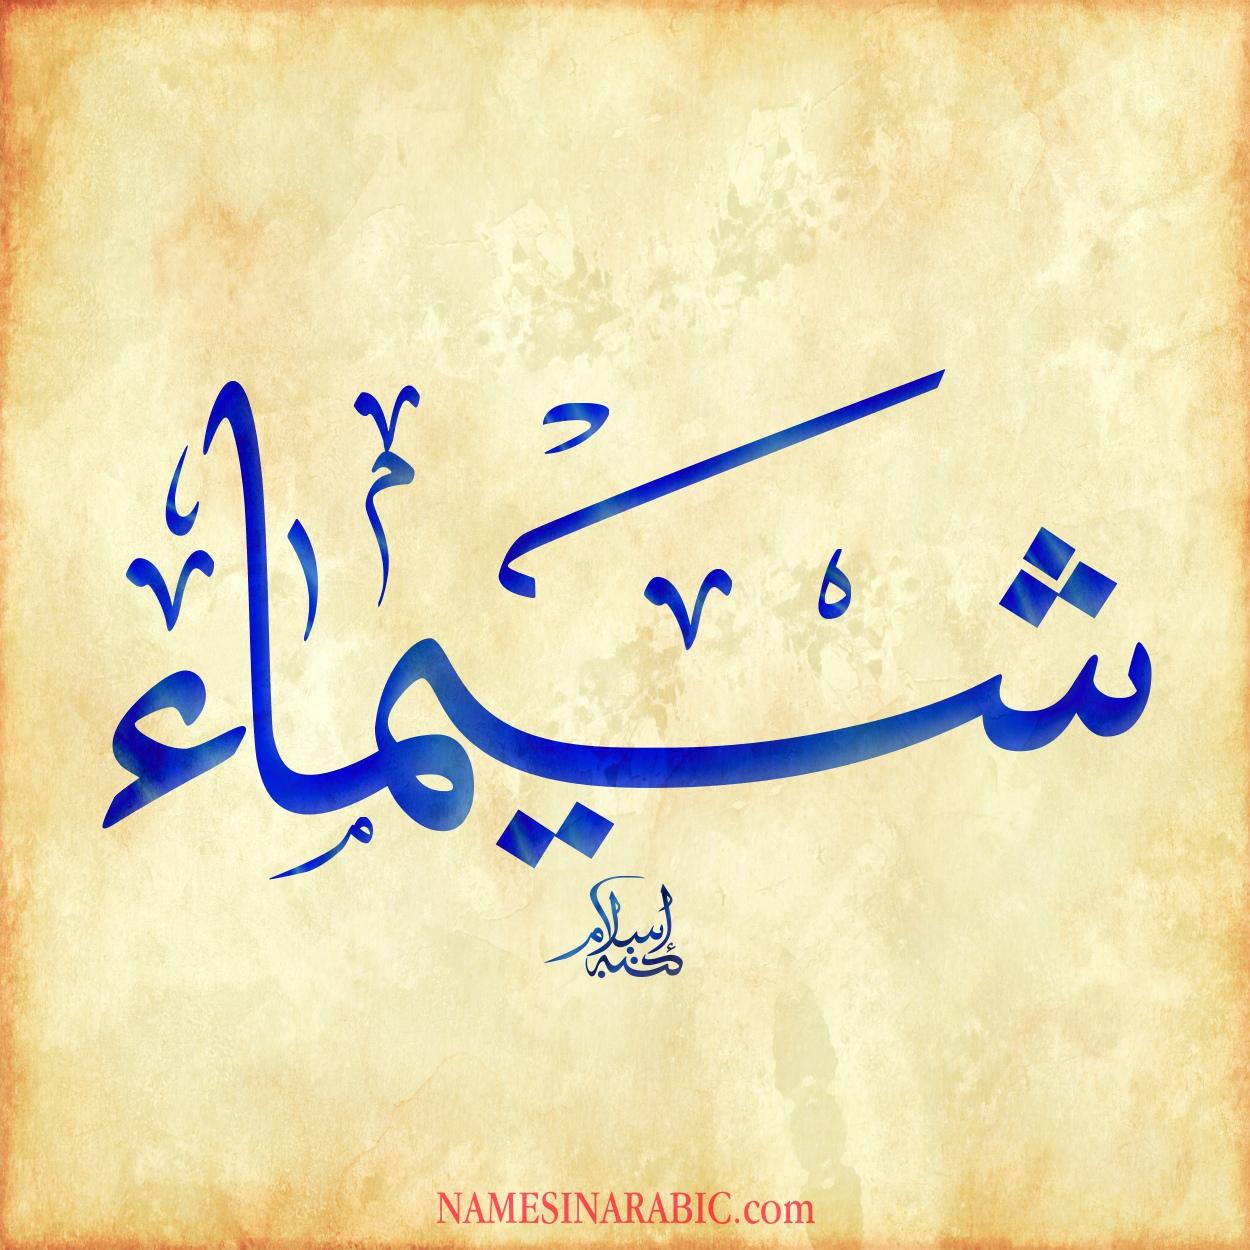 صورة صور اسم شيماء , اكثر الصور روائعه الذي تكون عليه اسم شيماء